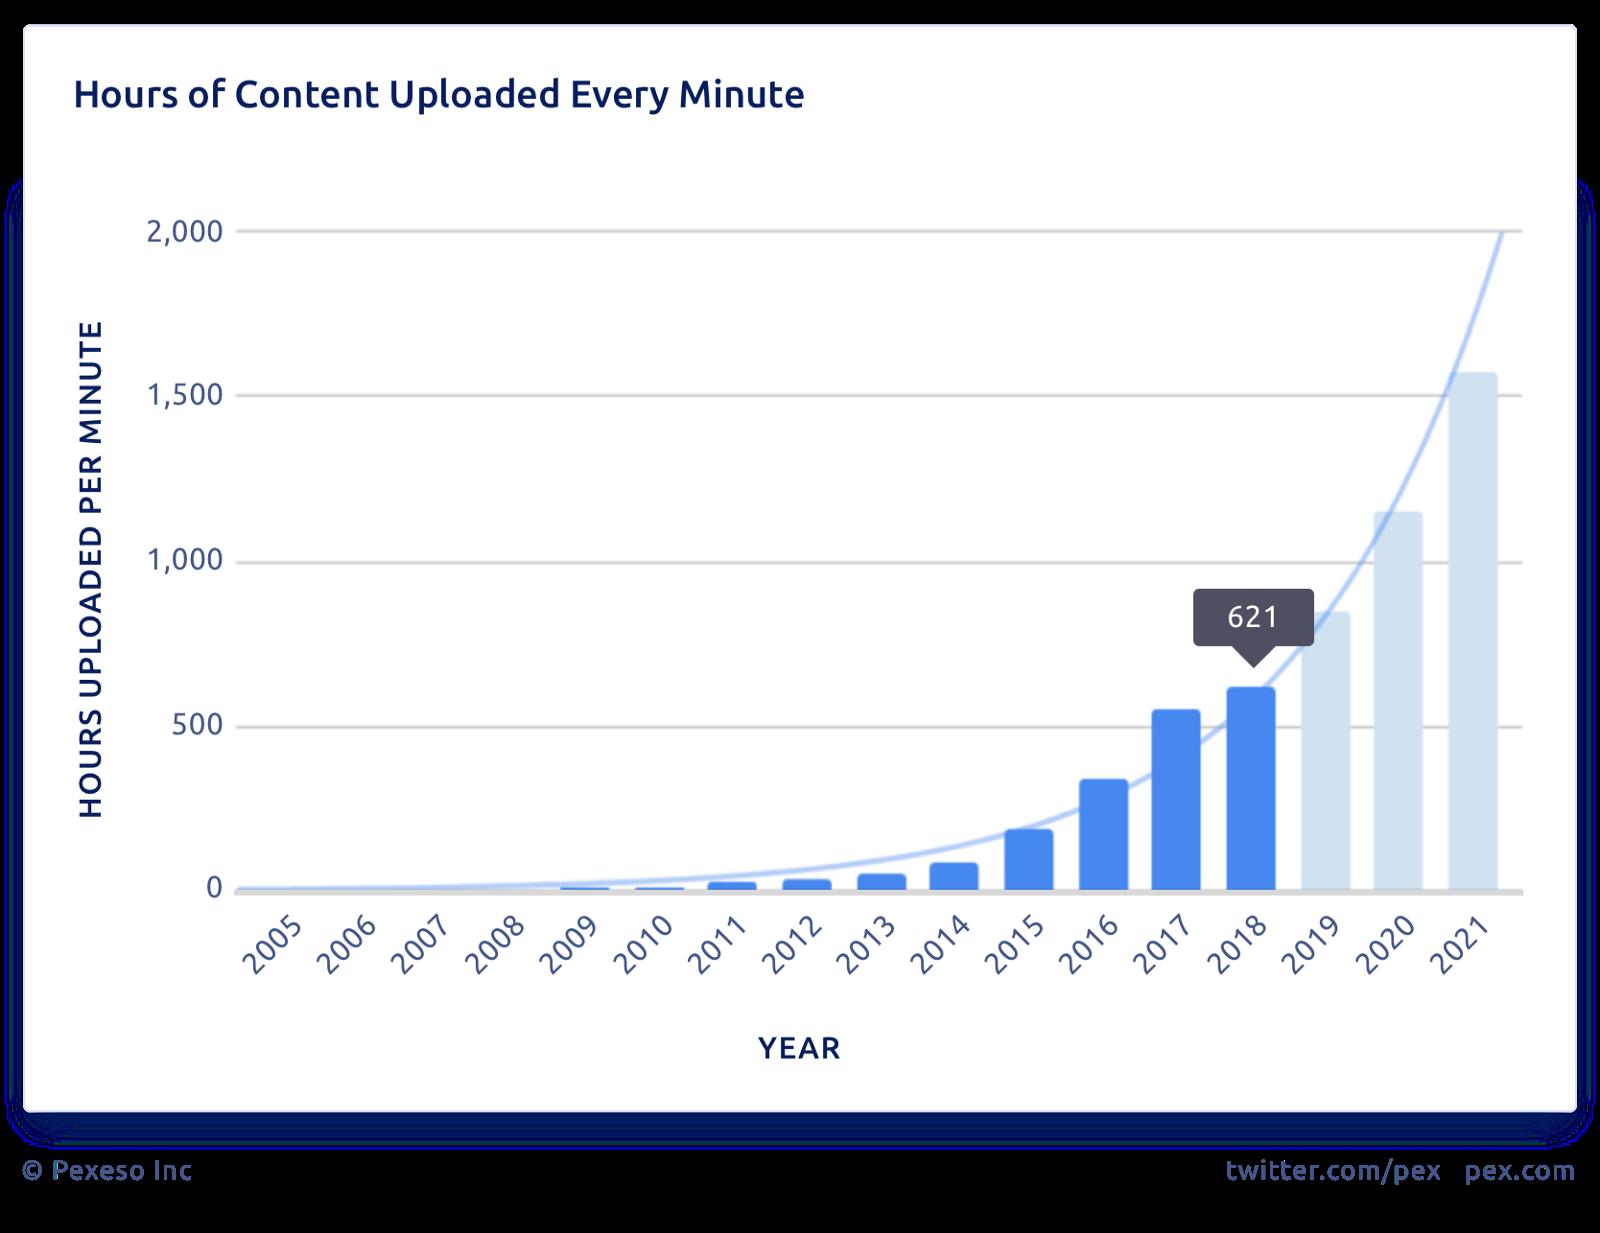 Сколько видеоконтента загружается на YouTube каждую минуту